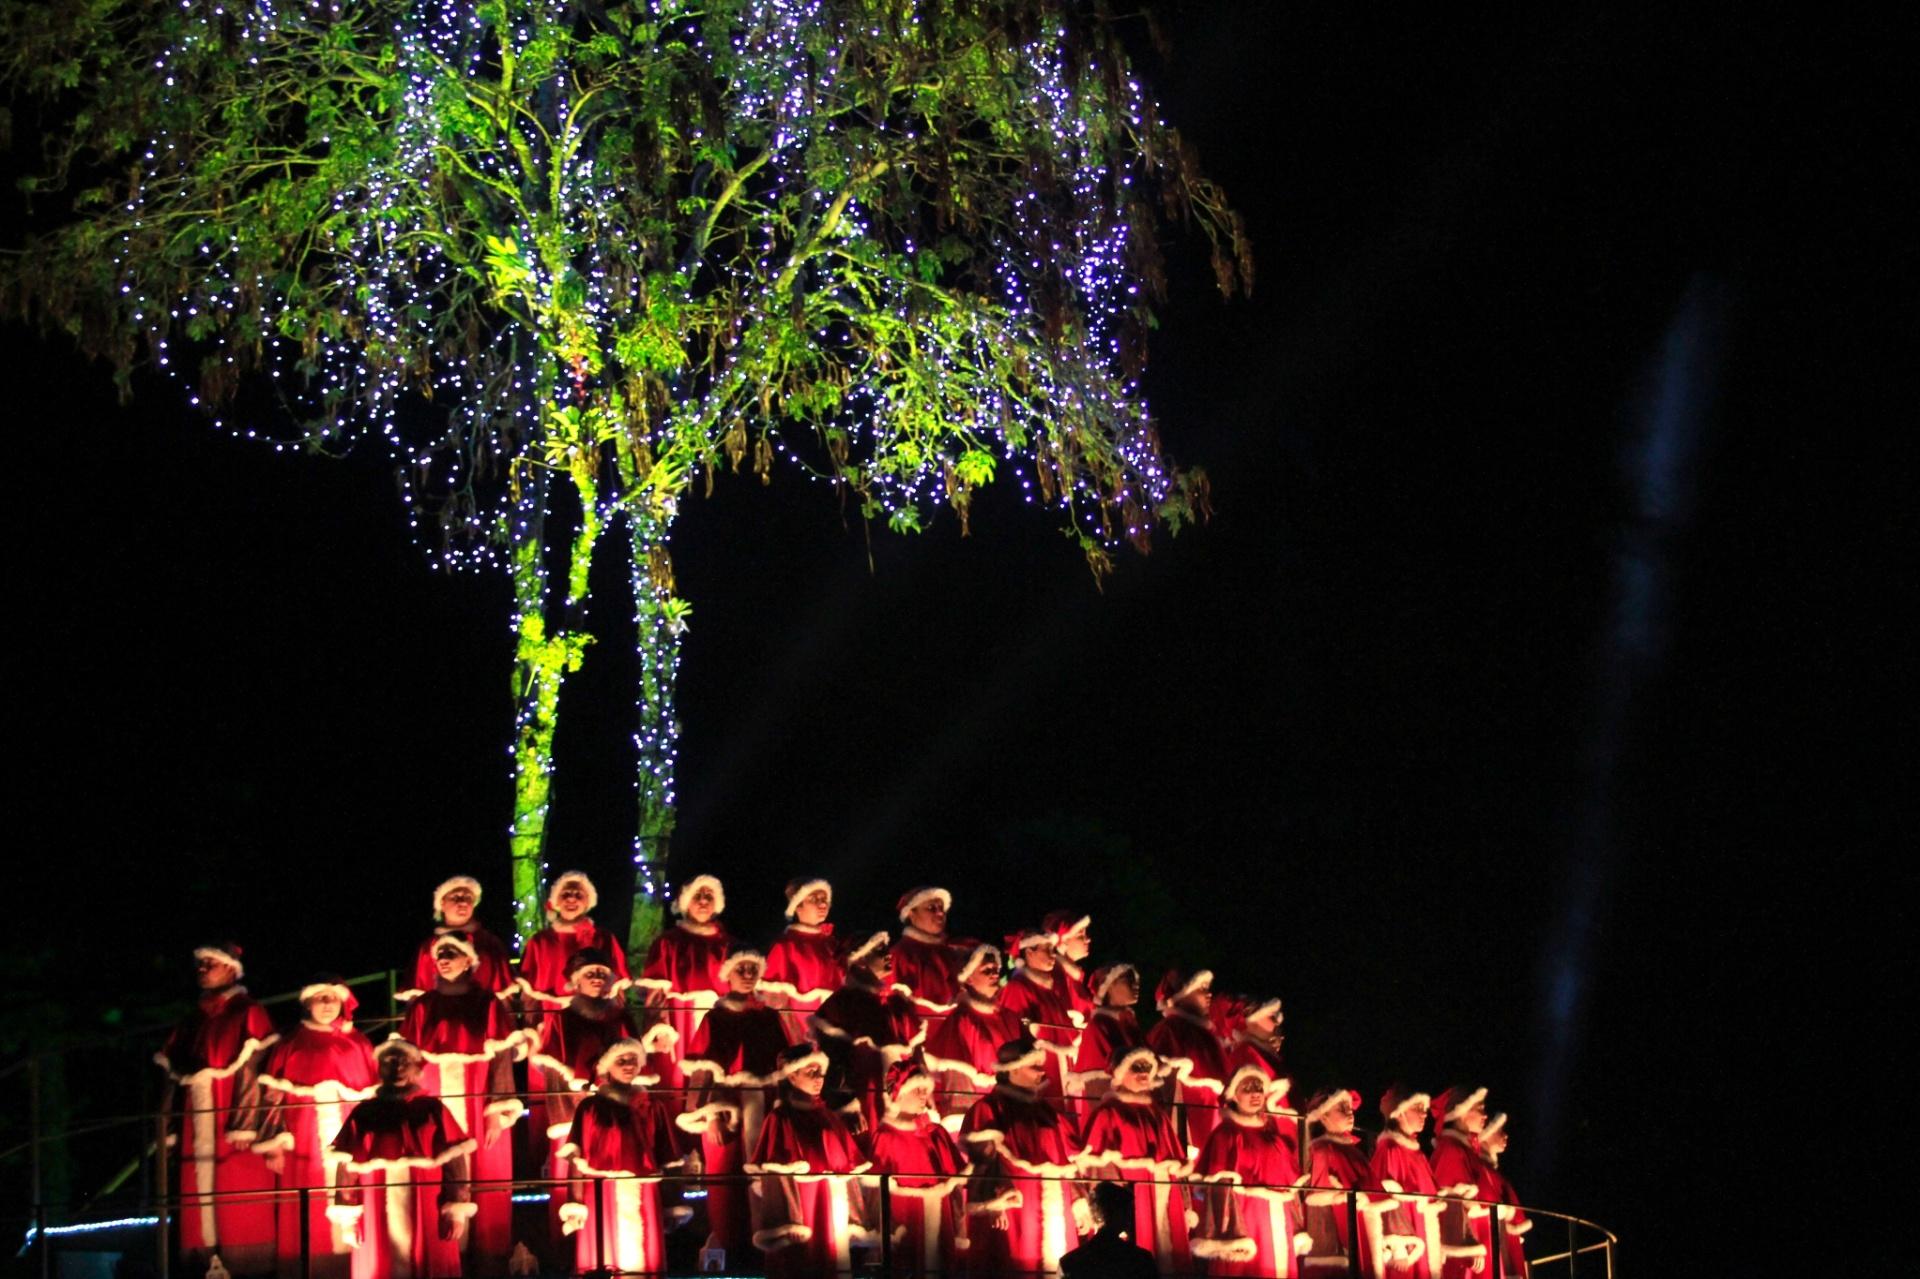 10.dez.2014 - Coral infantil se apresenta durante o Nativitatem, um dos espetáculos mais tradicionais do Natal Luz de Gramado, na Serra Gaúcha. A ópera, que acontece às margens do Lago Joaquina Rita Bier, tem 50 minutos de duração